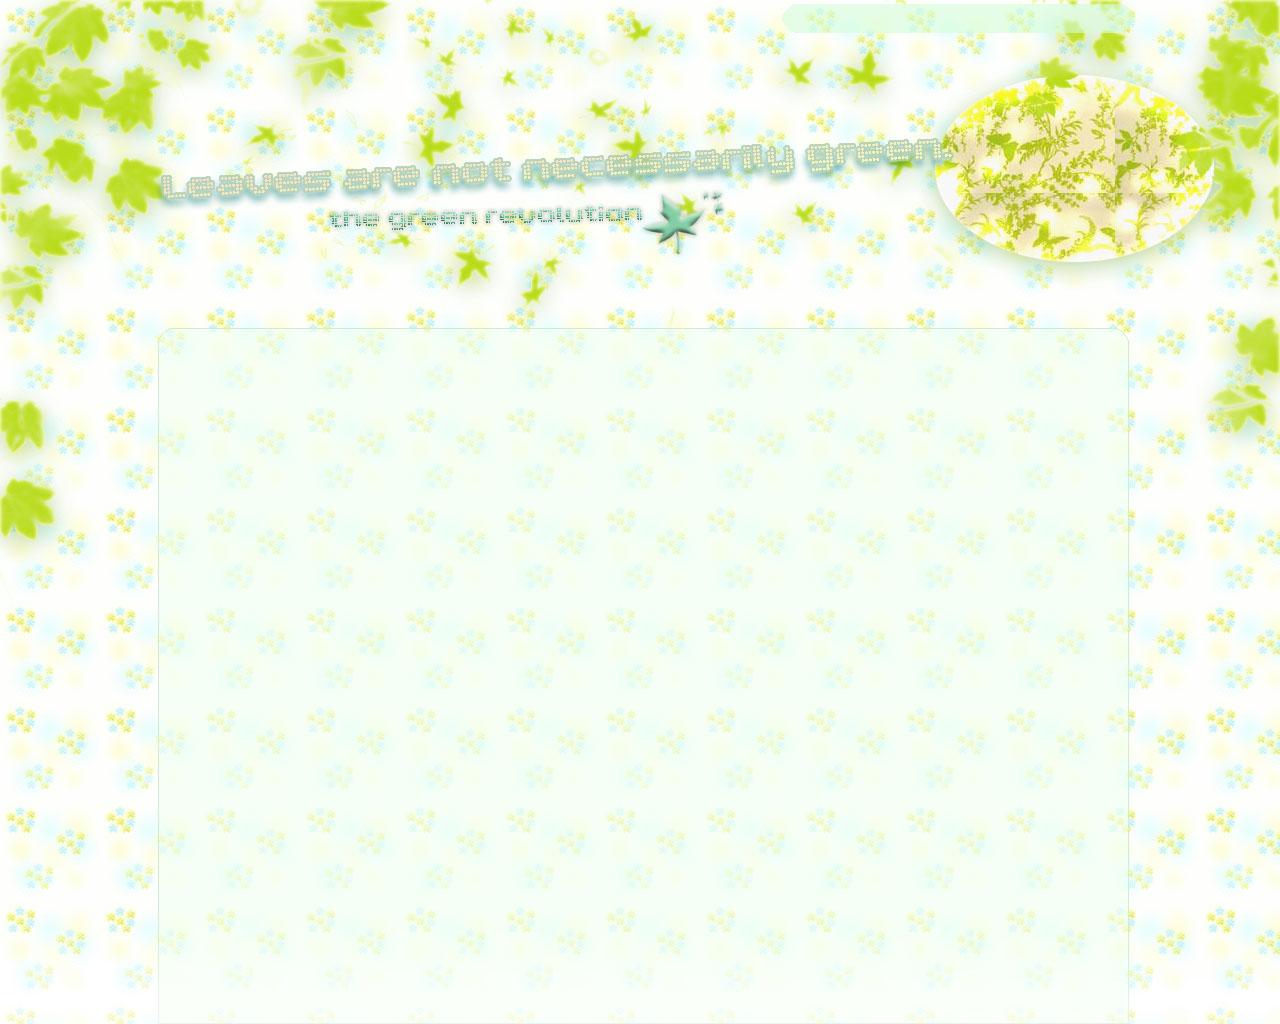 作图大背景(四)(2)——淘宝装修素材——赢得网